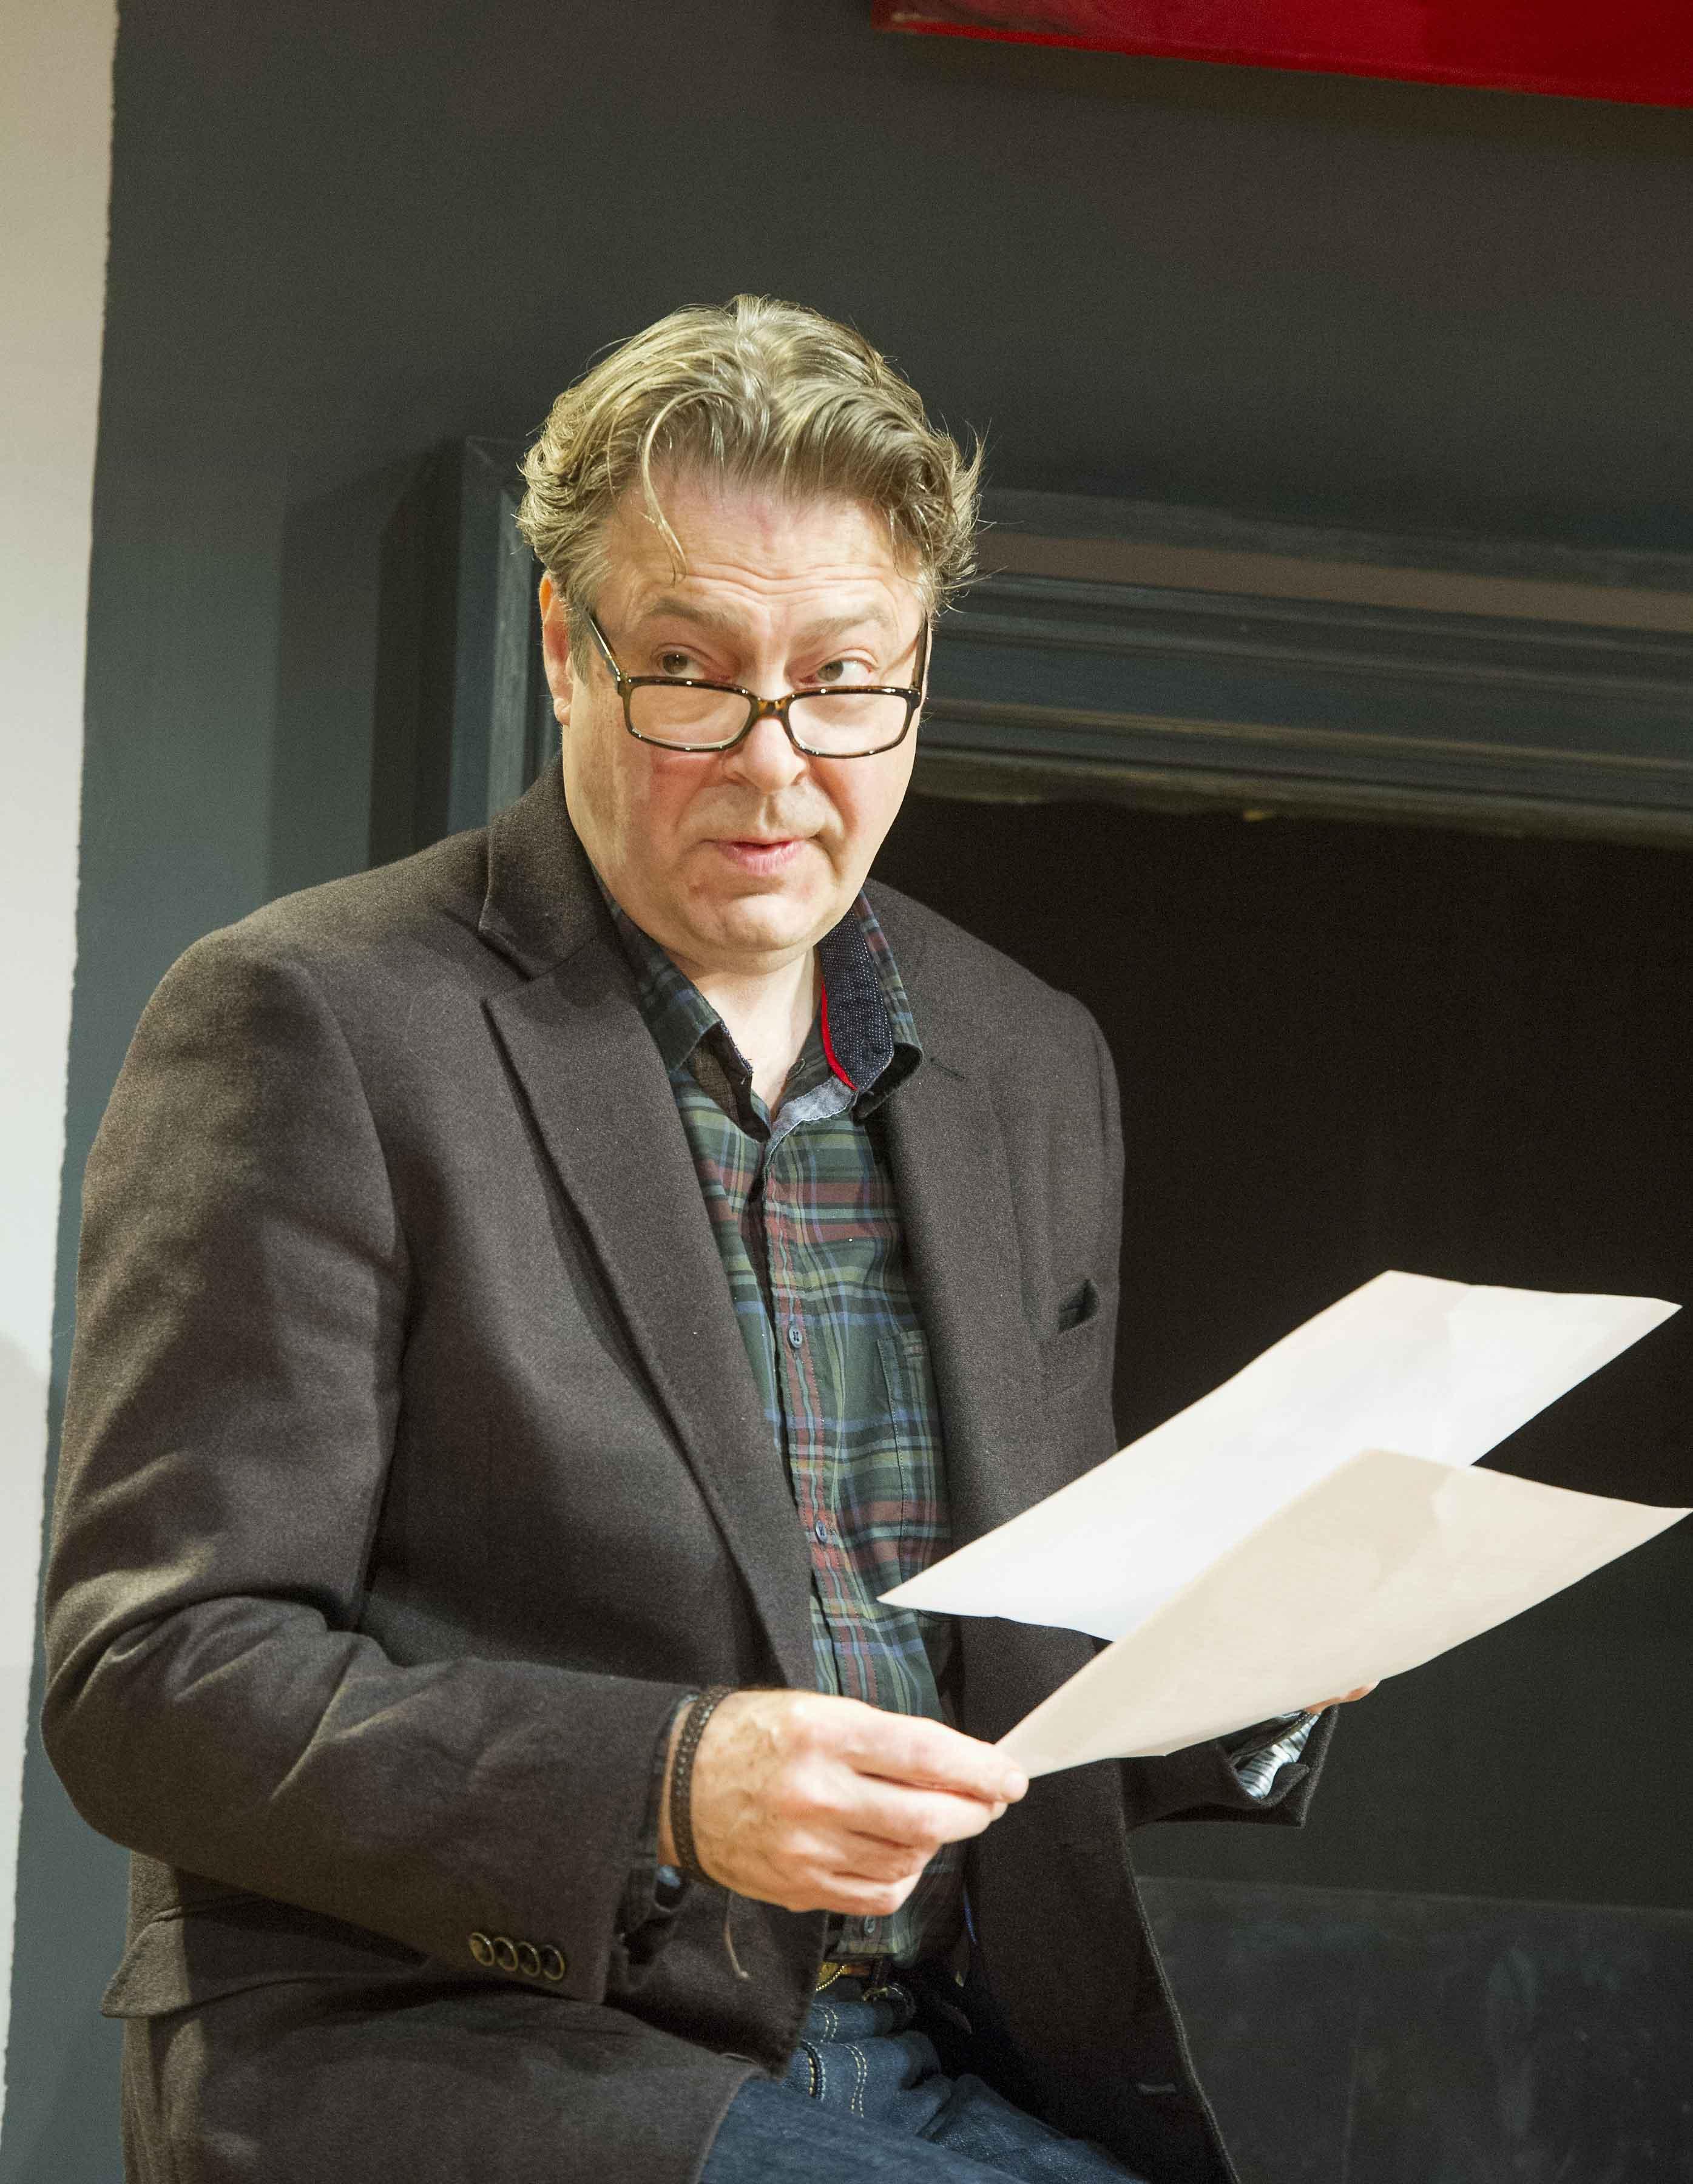 Roger Allam (born 1953)